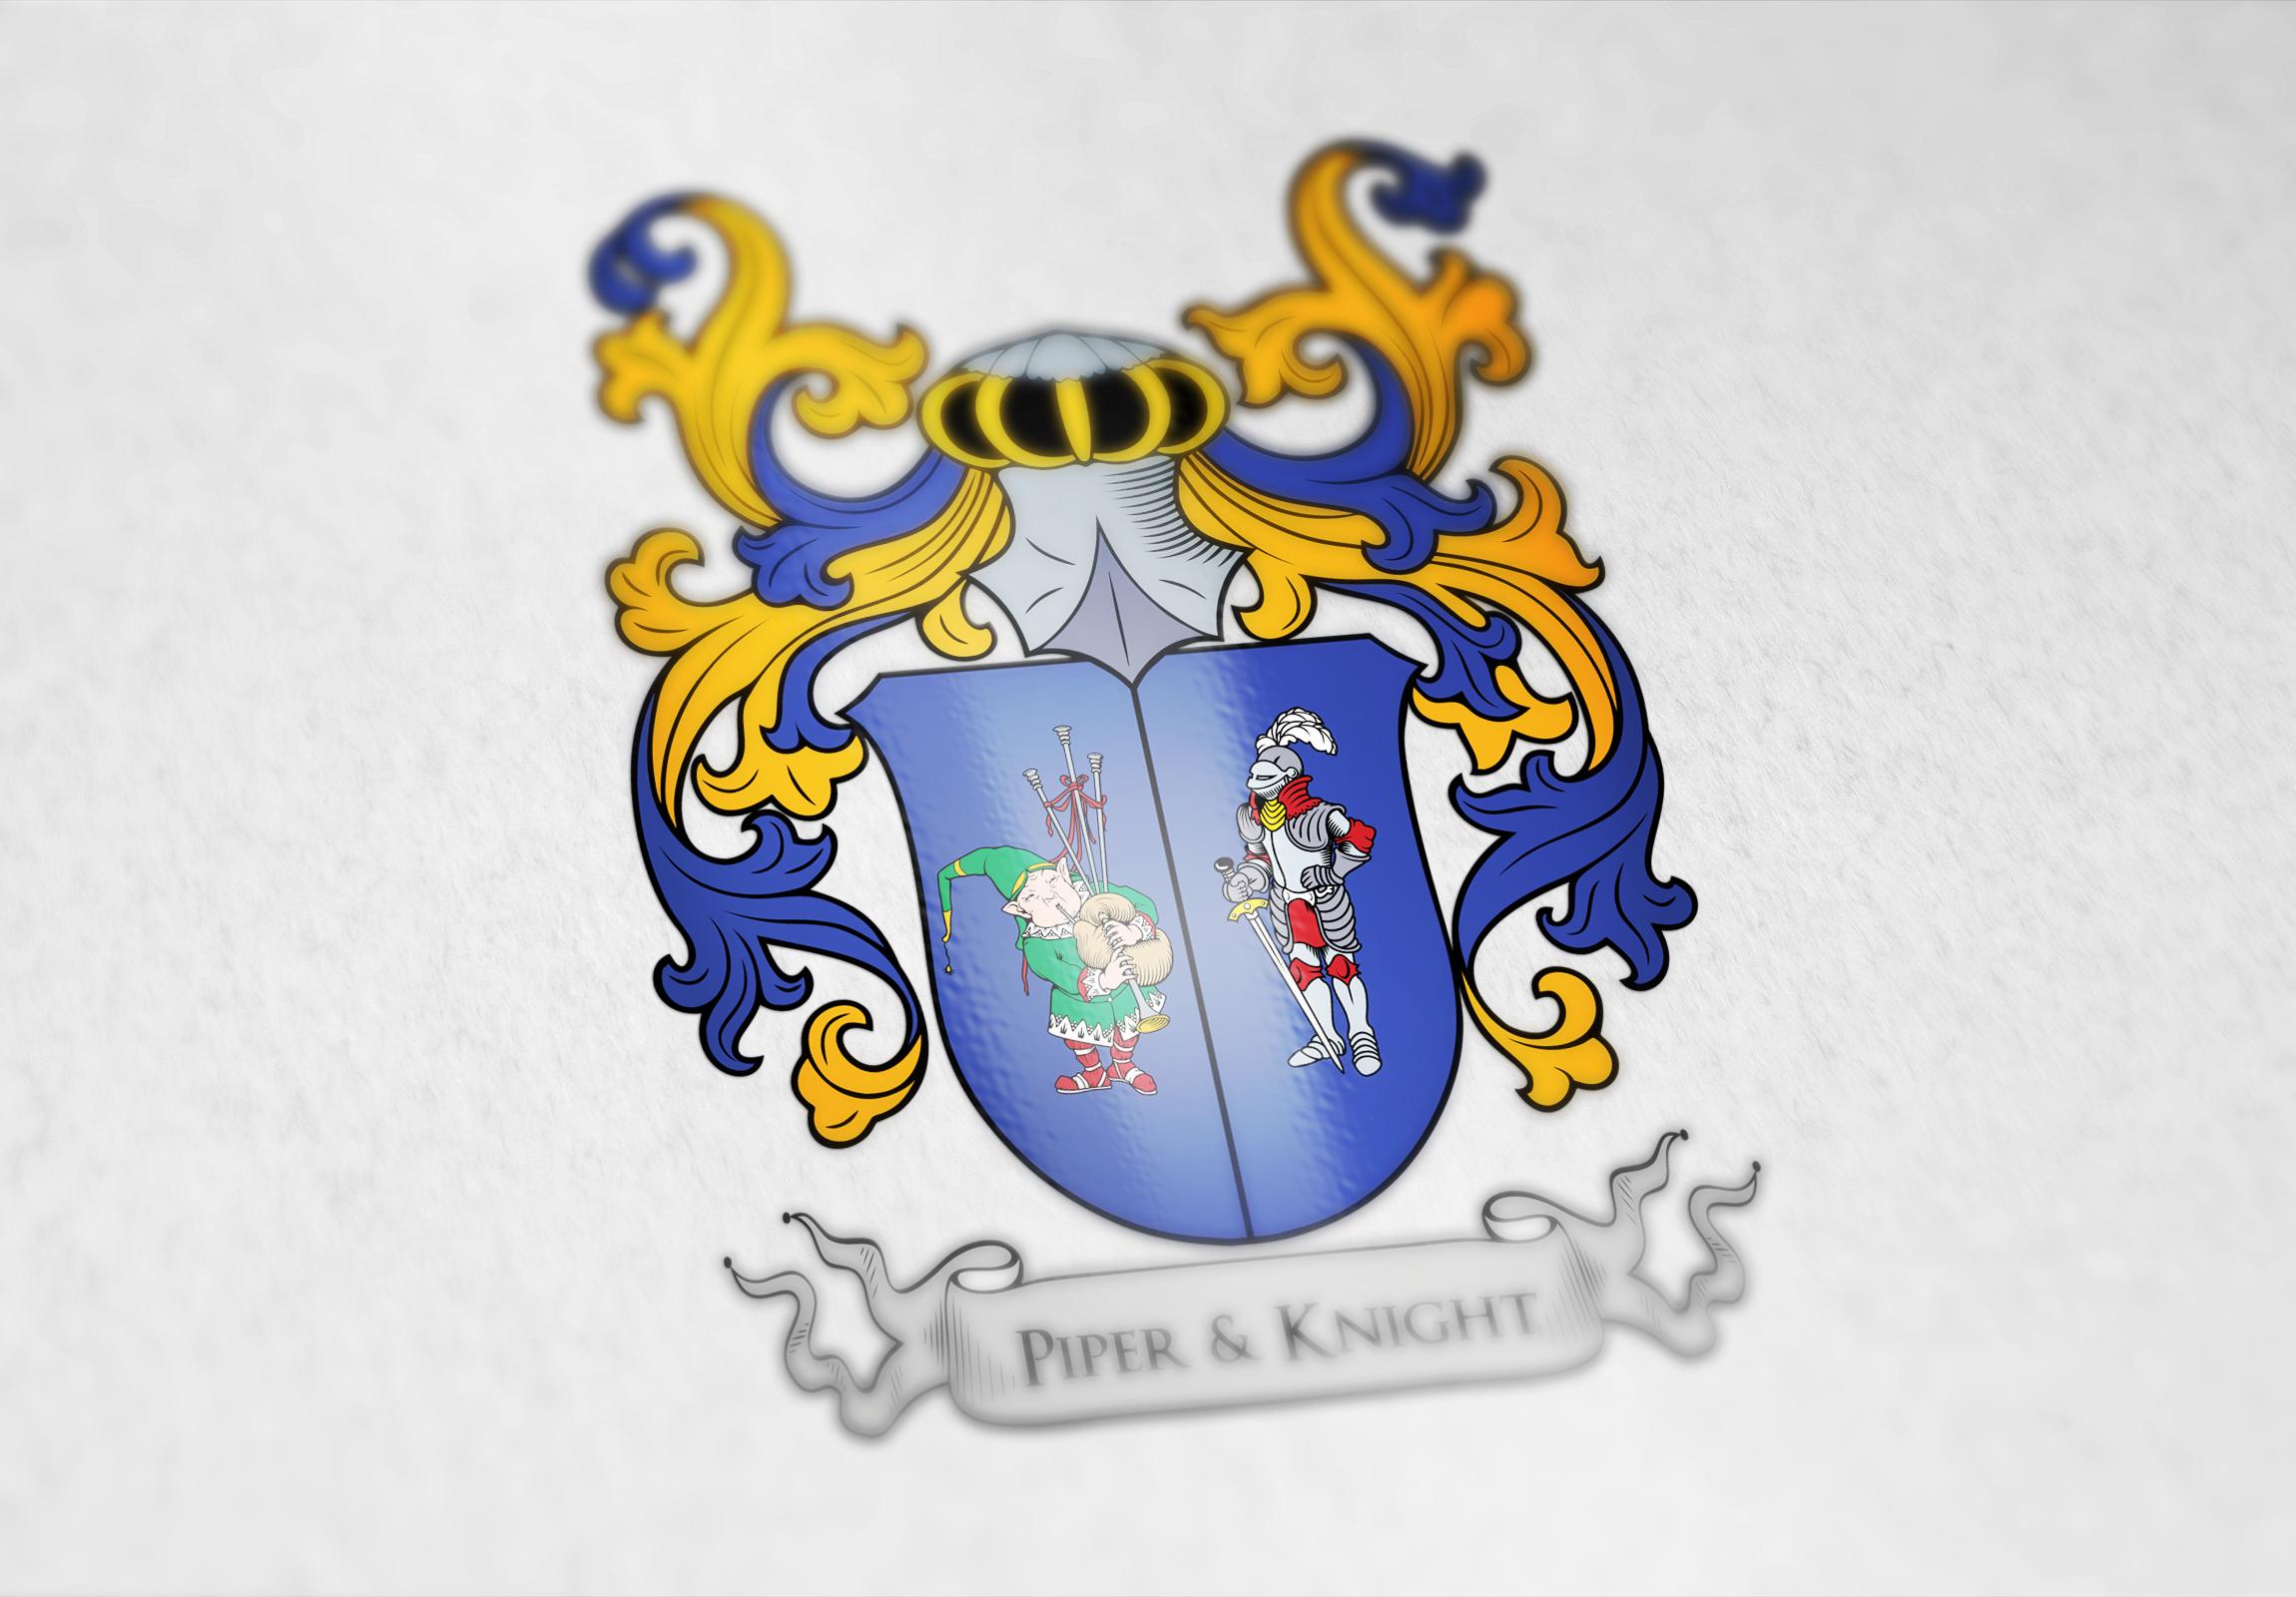 Coat of arms for the piperknight company usa custom coat of coat of arms designed for the piperknight company buycottarizona